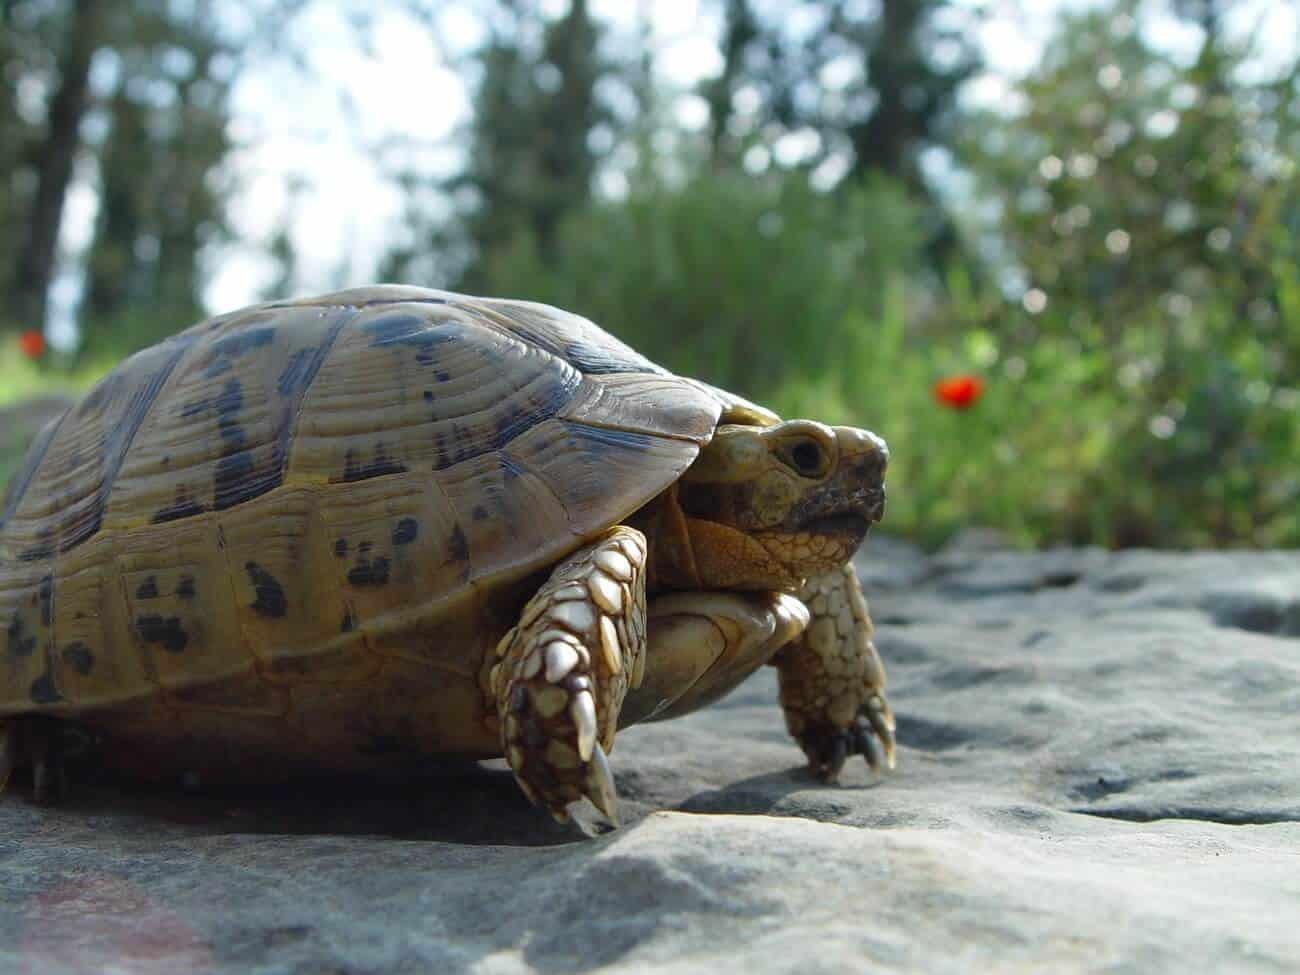 Greek Tortoise looking for food